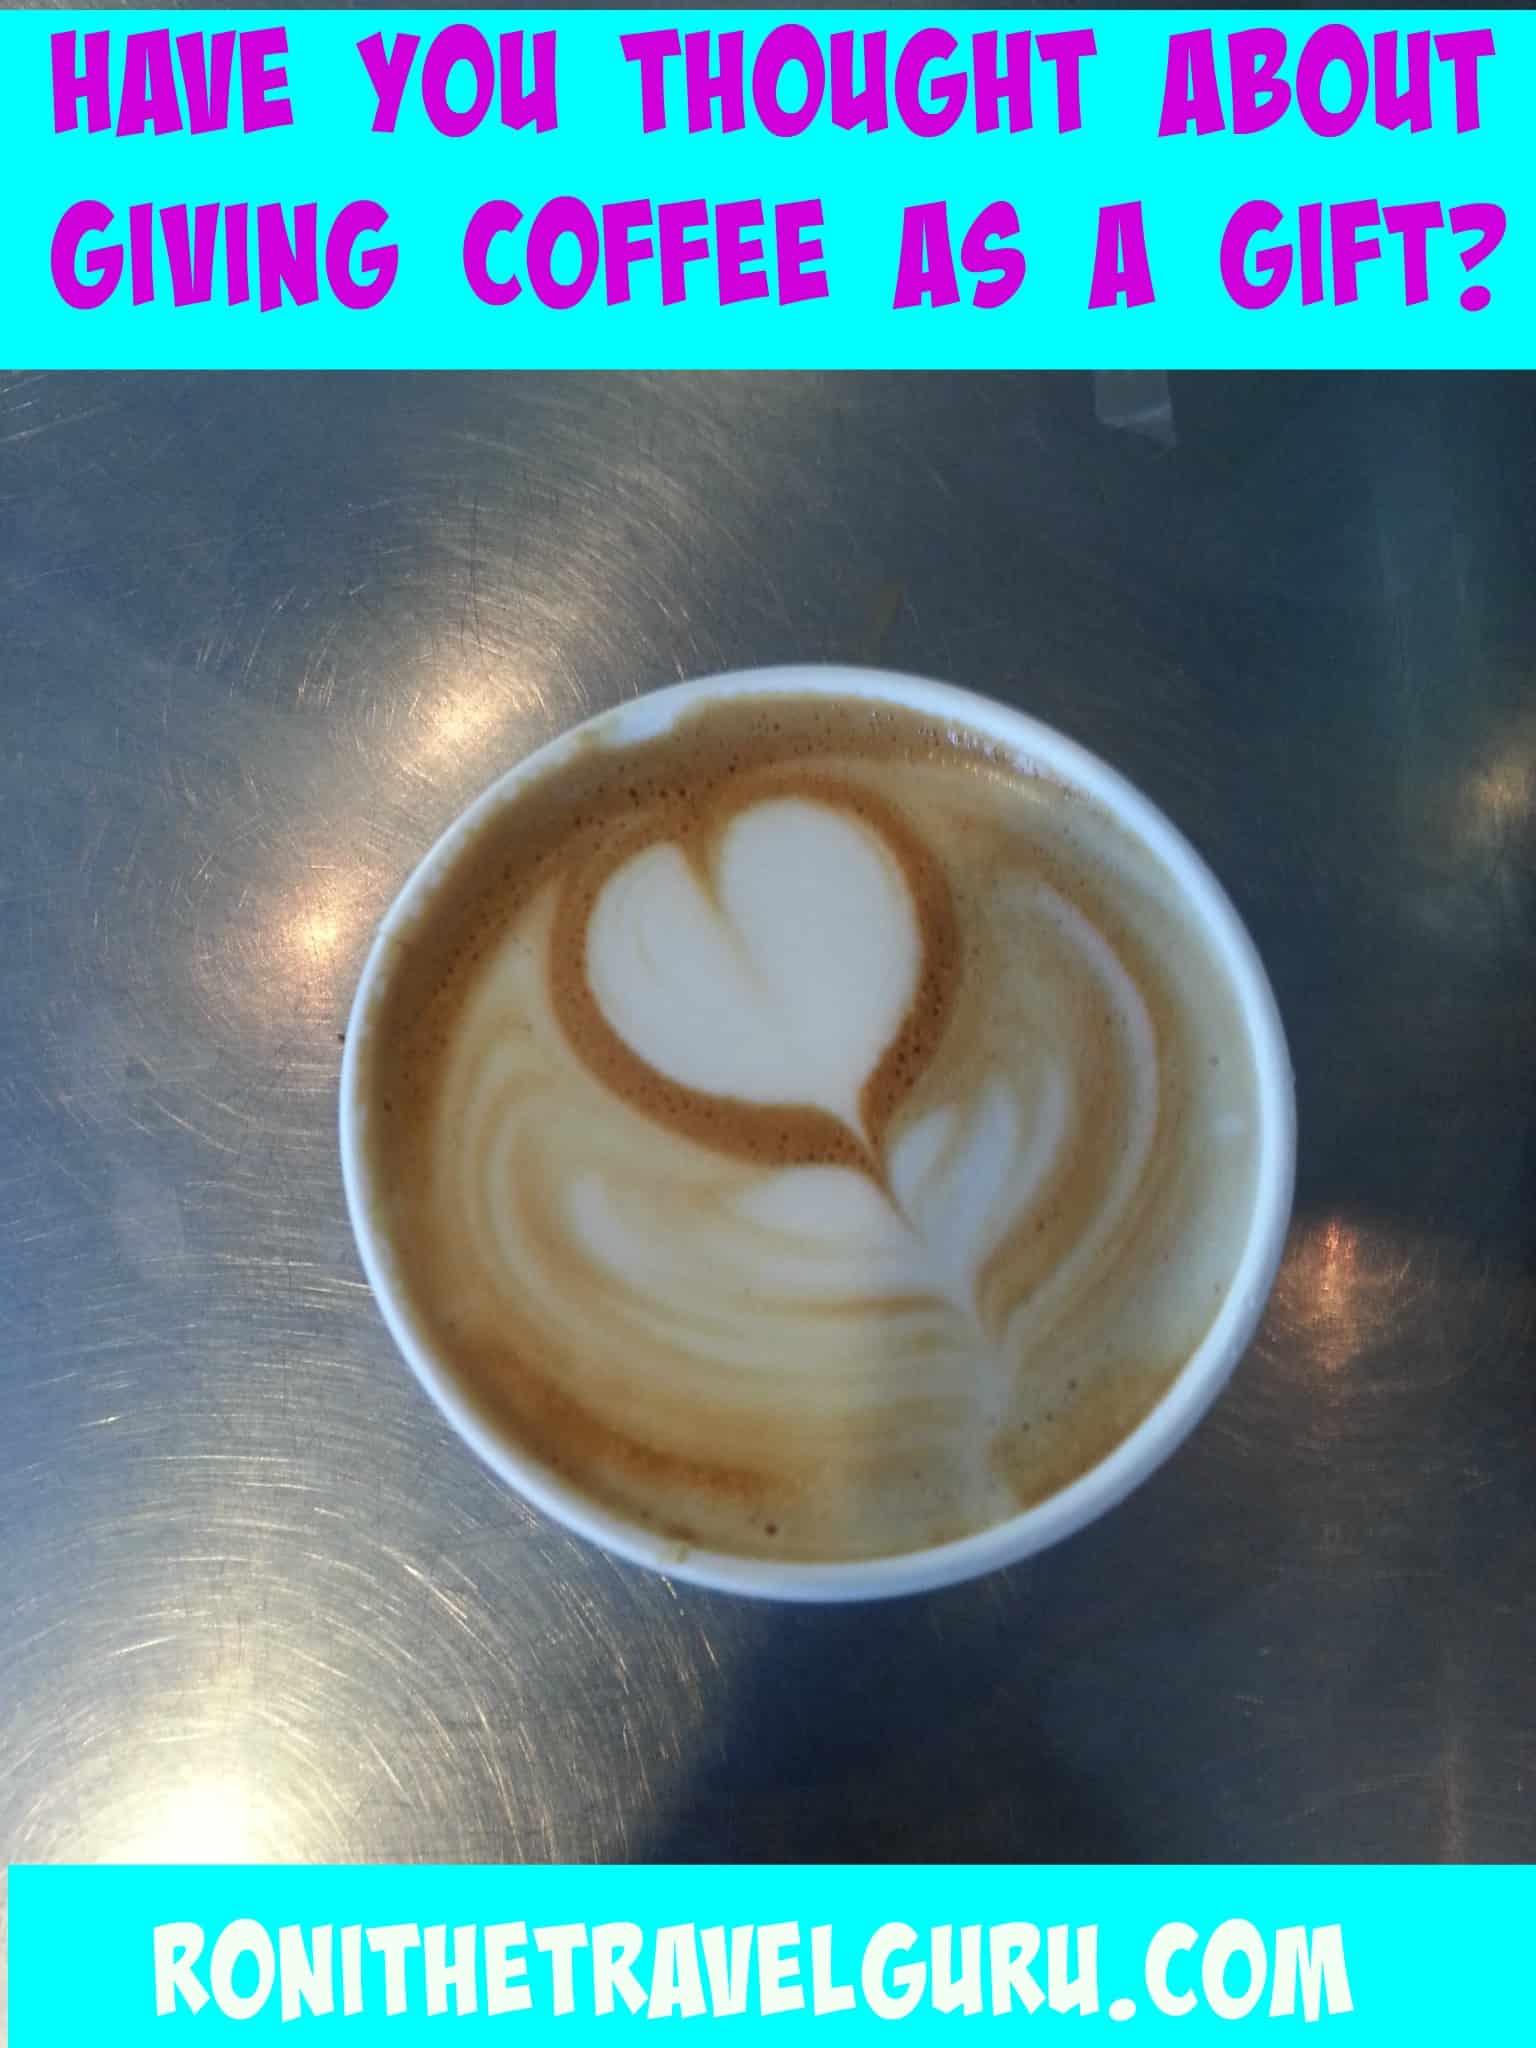 coffeeheart